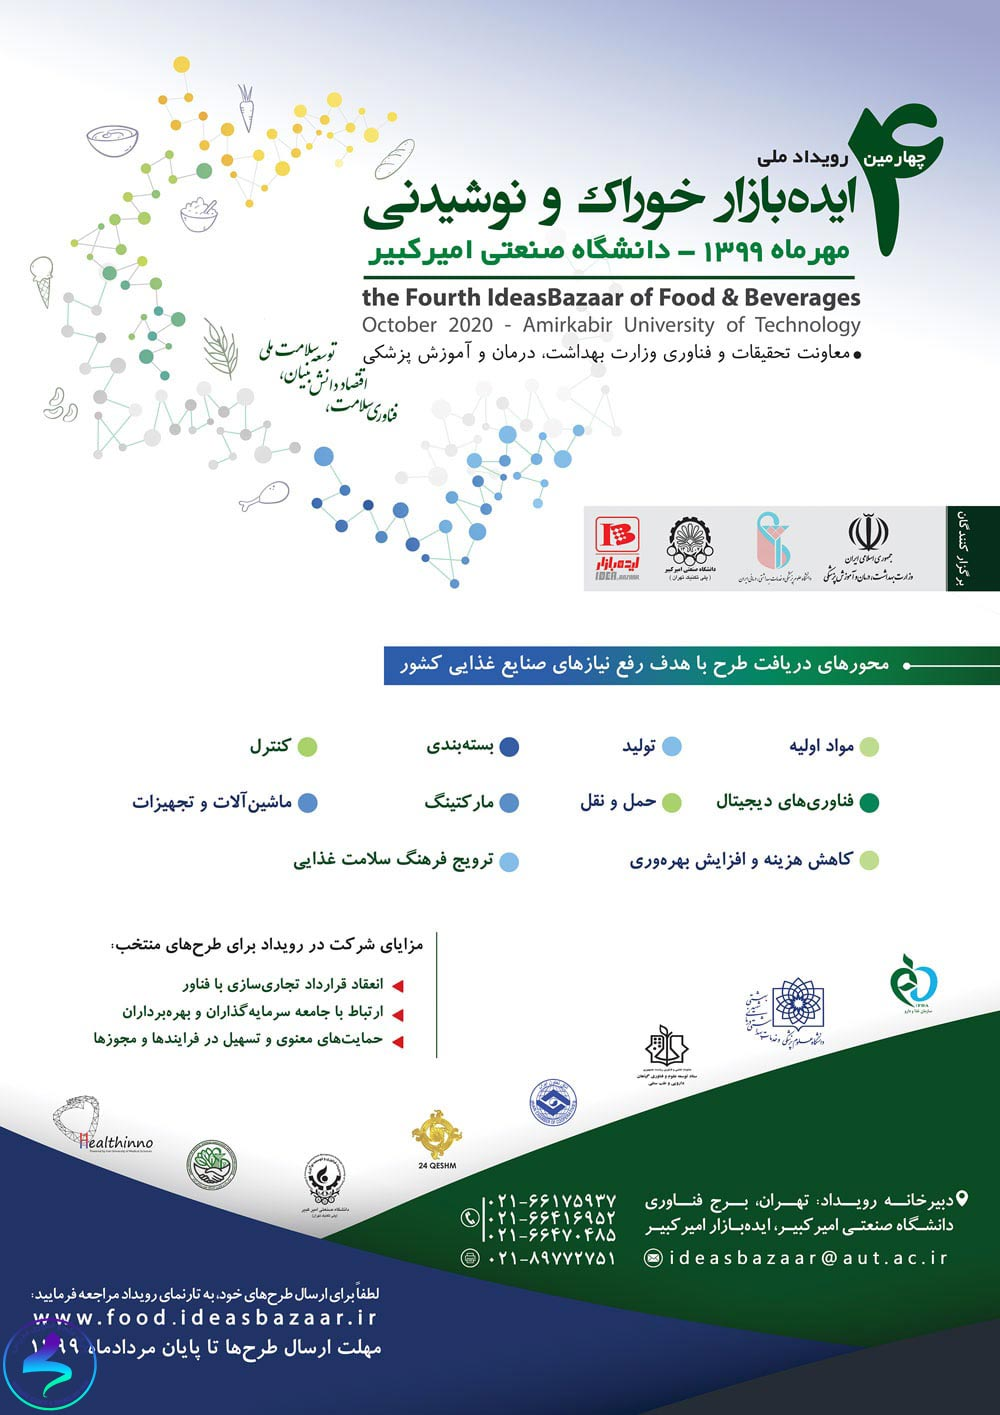 برگزاری چهارمین رویداد ملی ایده بازار خوراک و نوشیدنی